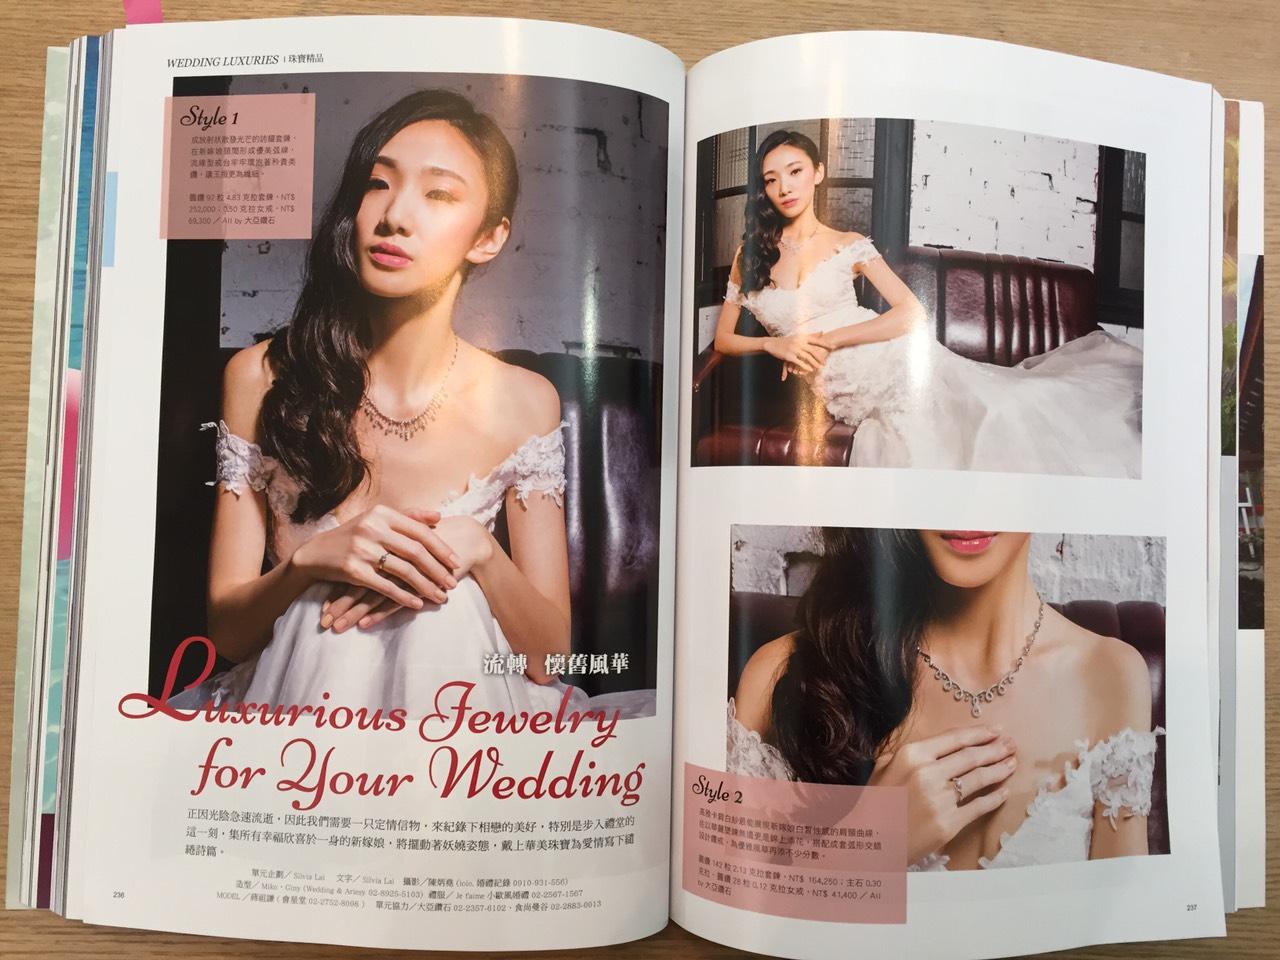 新娘物語,Ariesy造型團隊,Giny,Miko,新秘,台北新娘秘書,禮服出租,婚紗攝影,新娘造型,新娘妝感,大亞鑽石,食尚曼谷